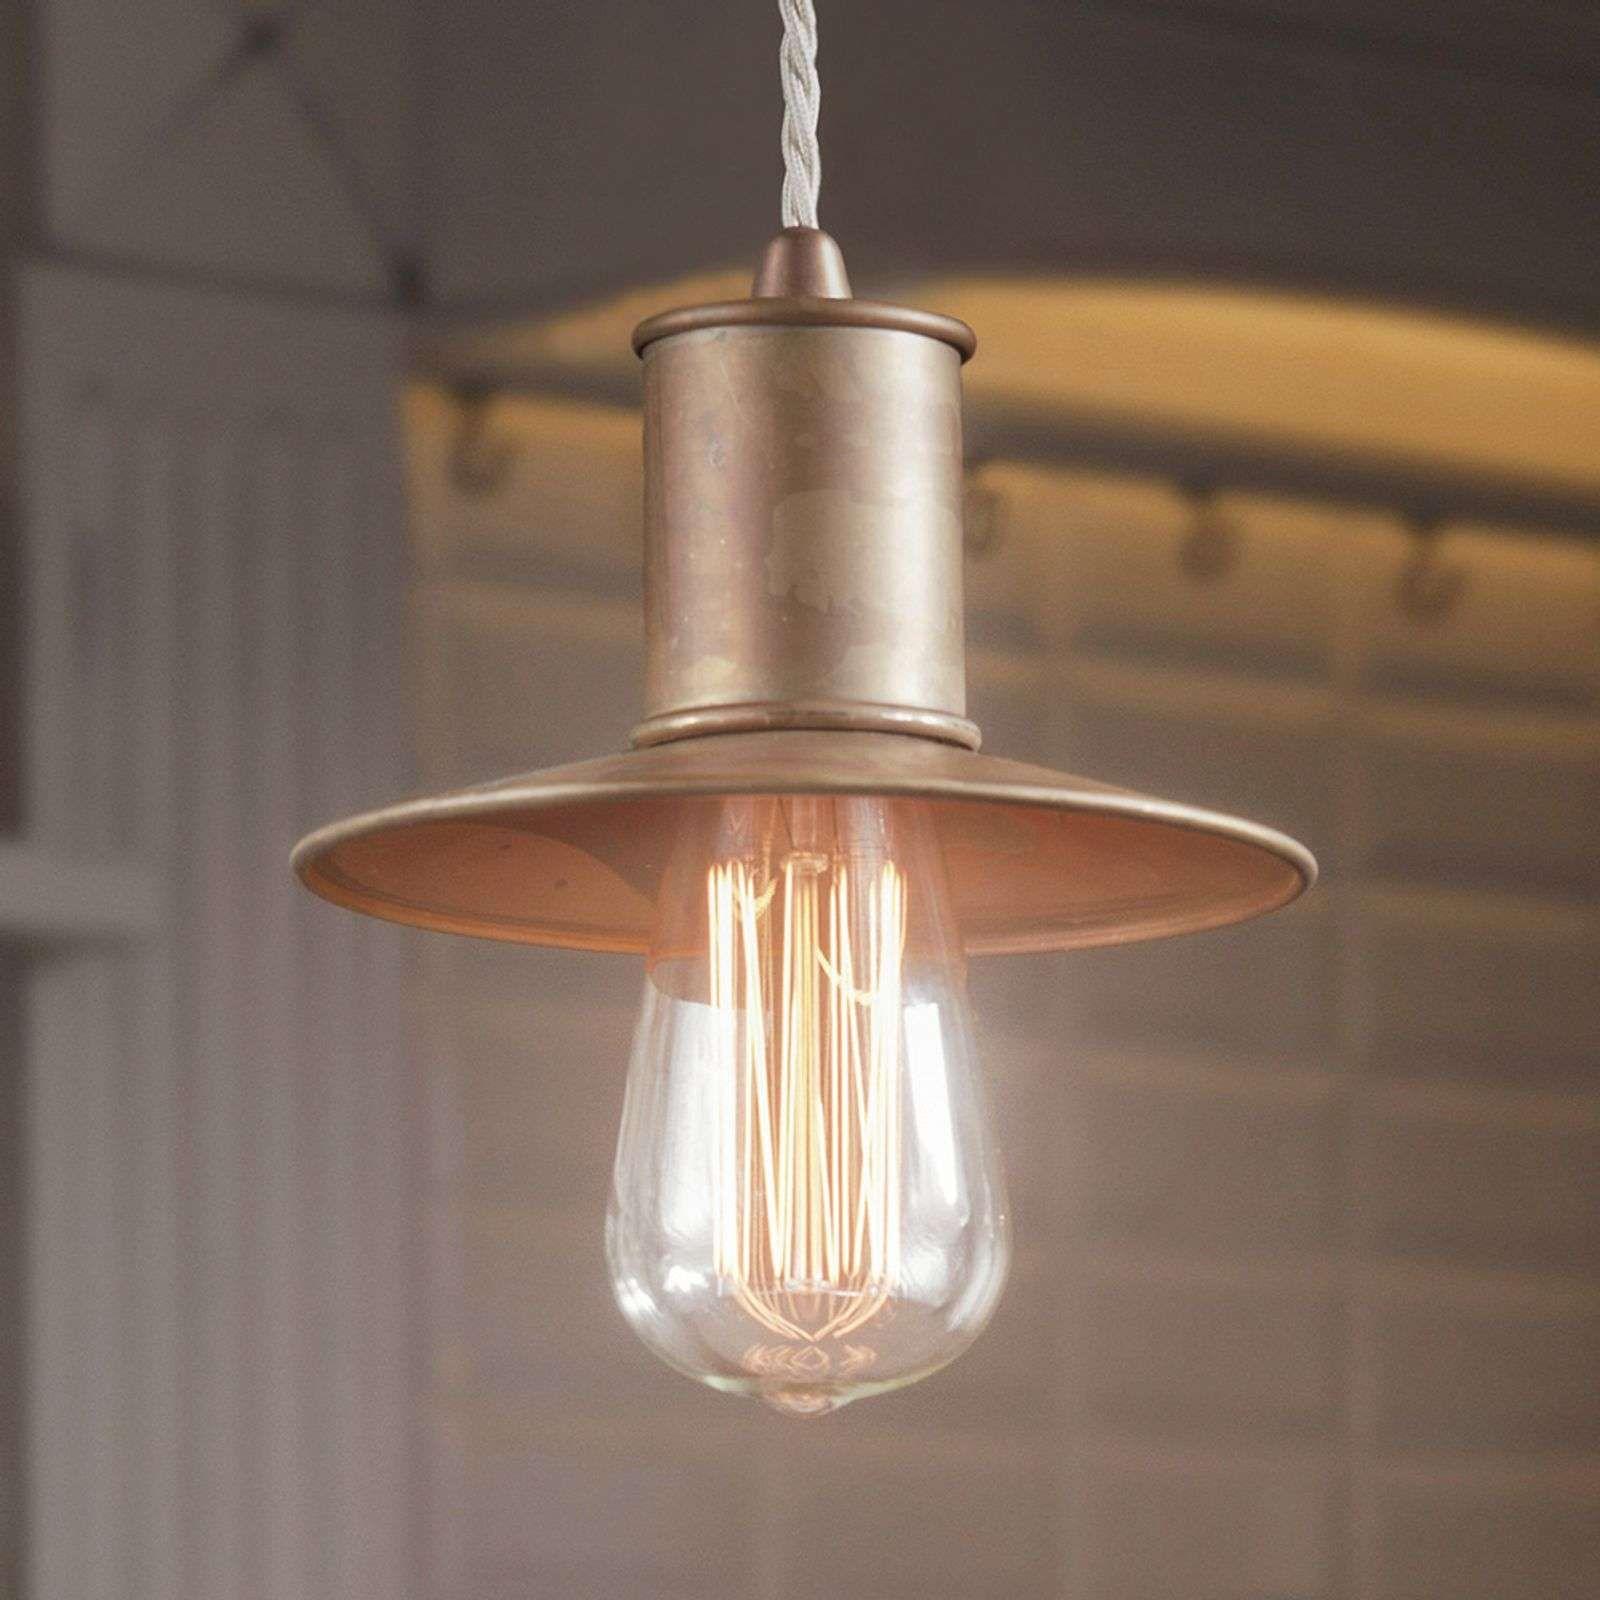 Rustikale Hangeleuchte Nio Aus Metall Hangeleuchte Lampenlicht Licht